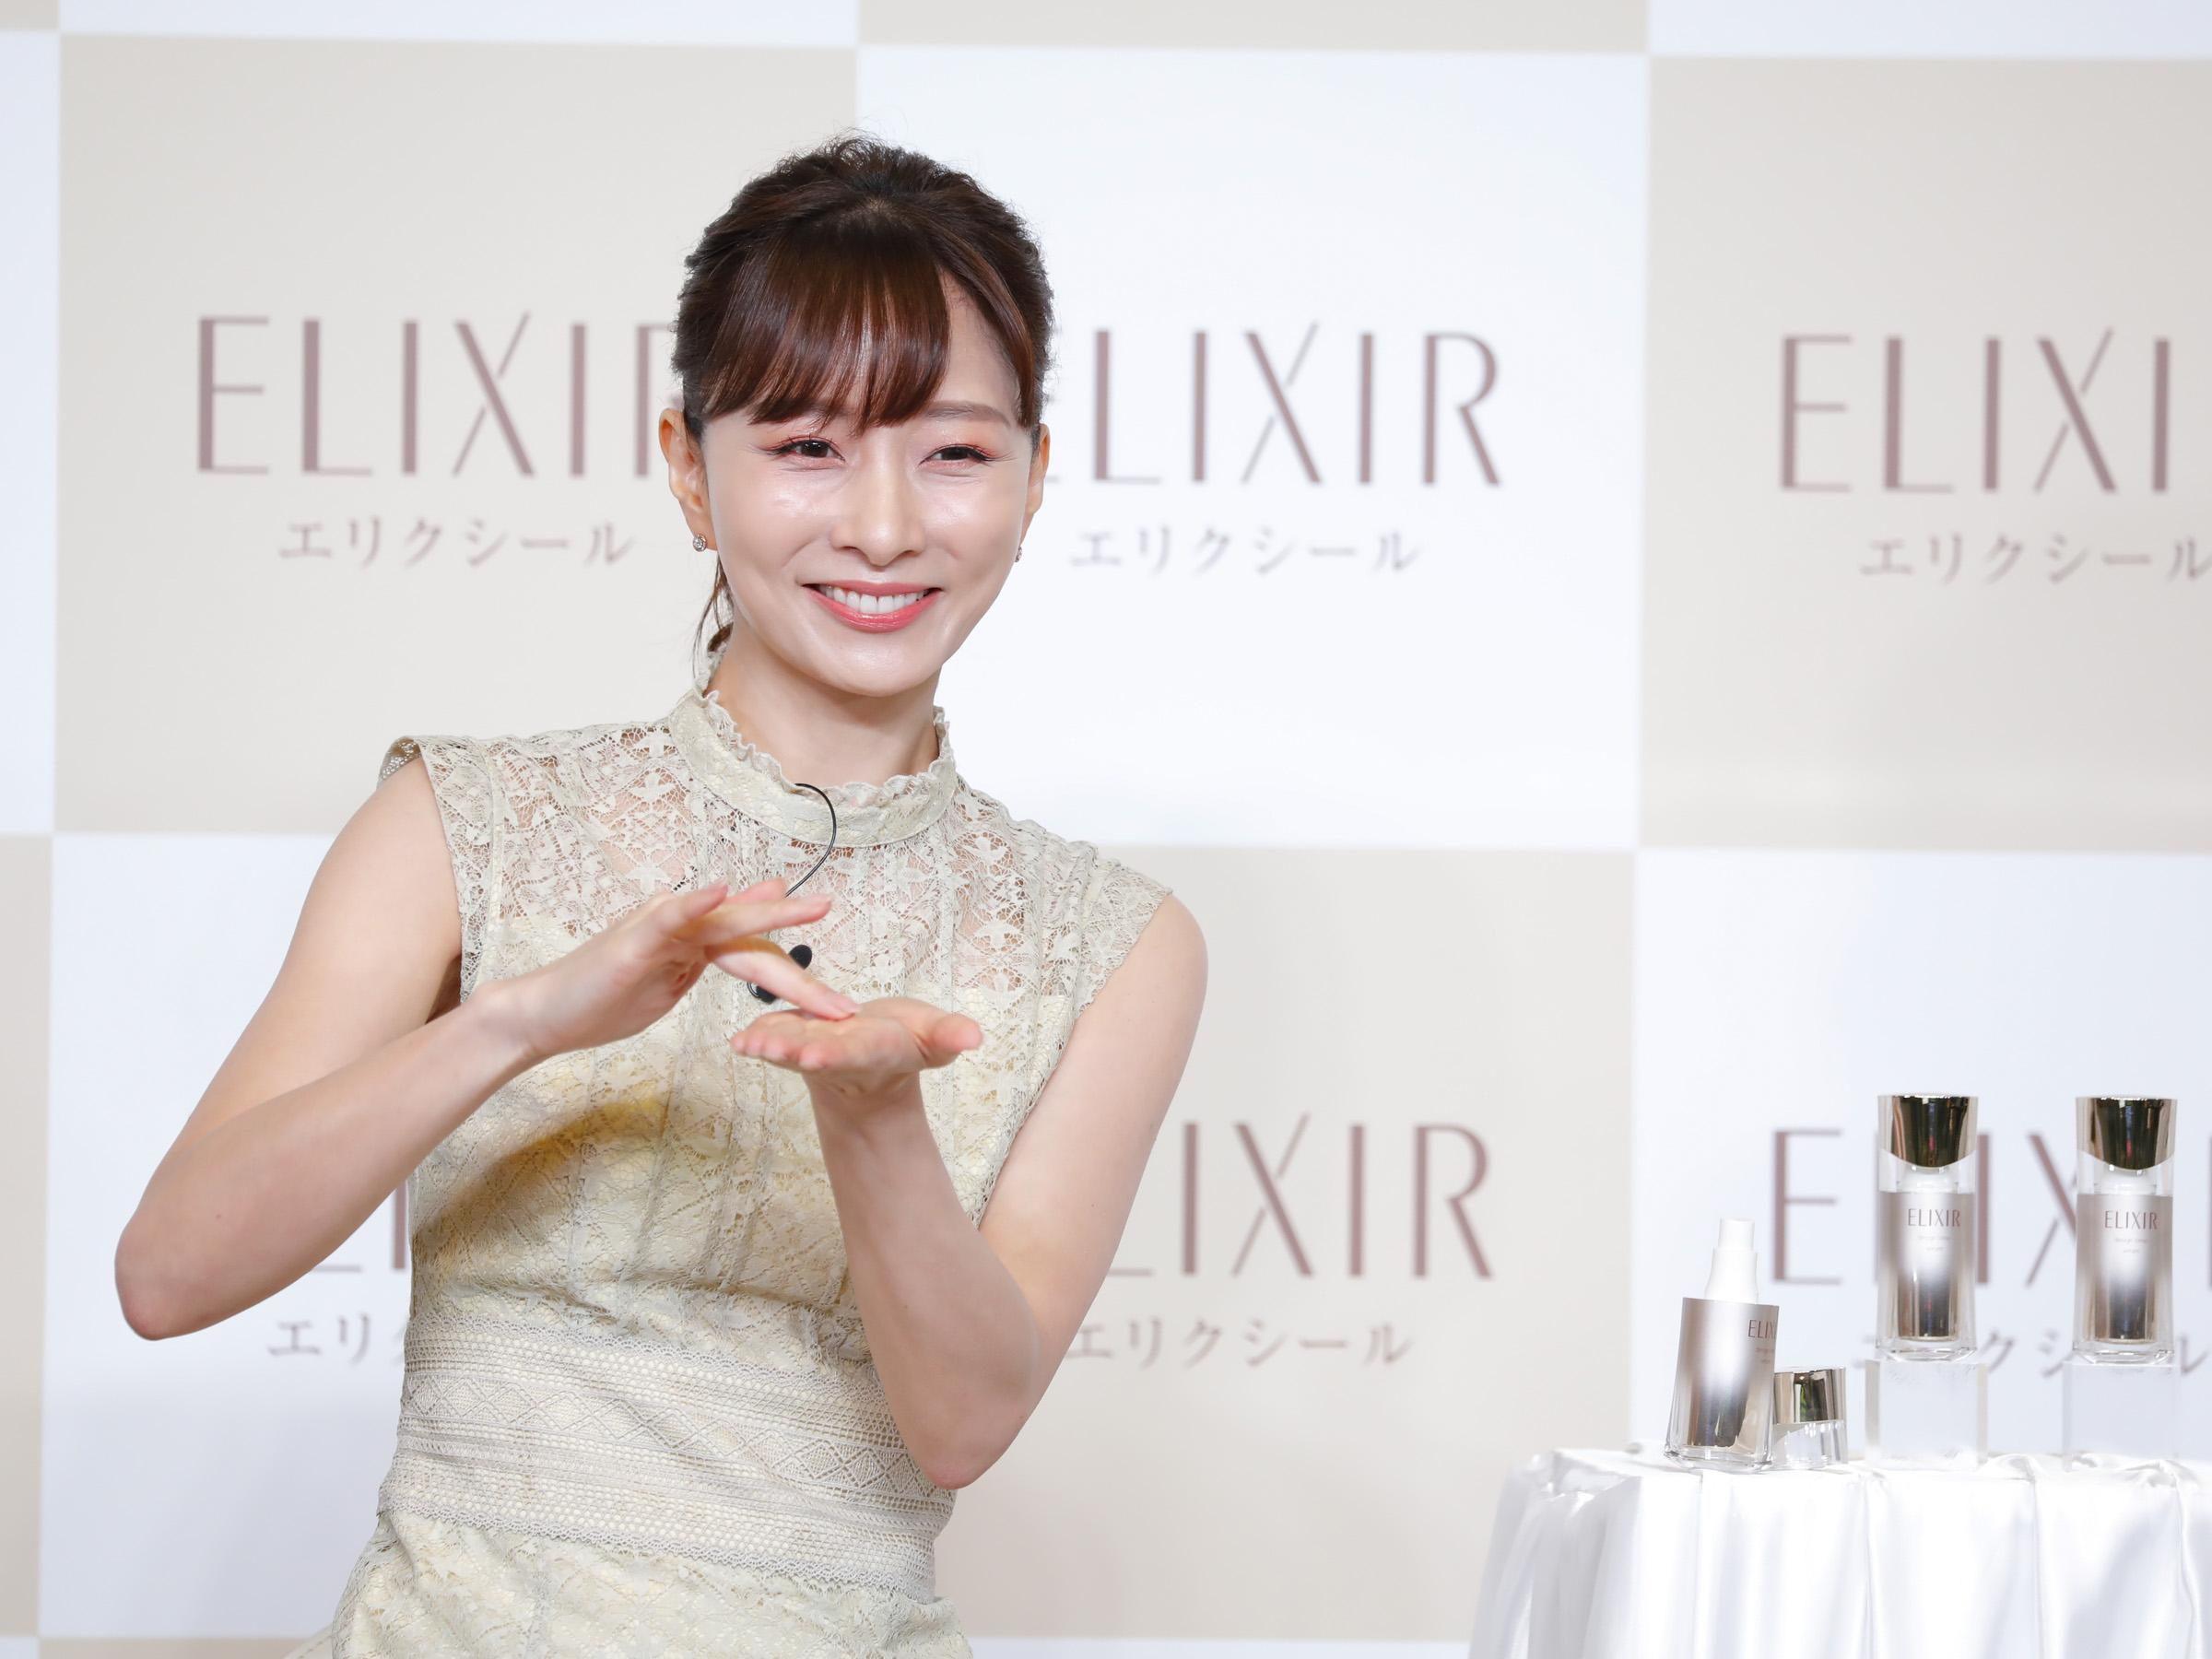 石井美保/エリクシールの新ミューズ発表会にて(2020年8月20日)